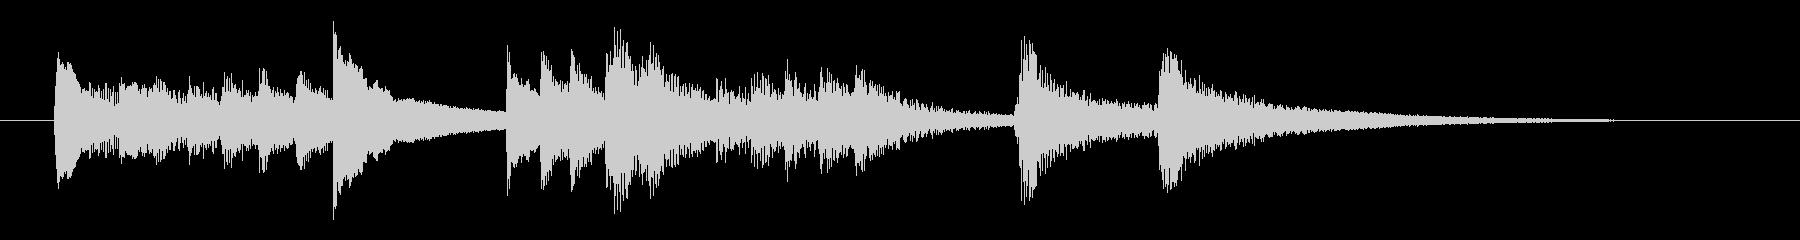 ピアノによるバラード的なジングル曲の未再生の波形